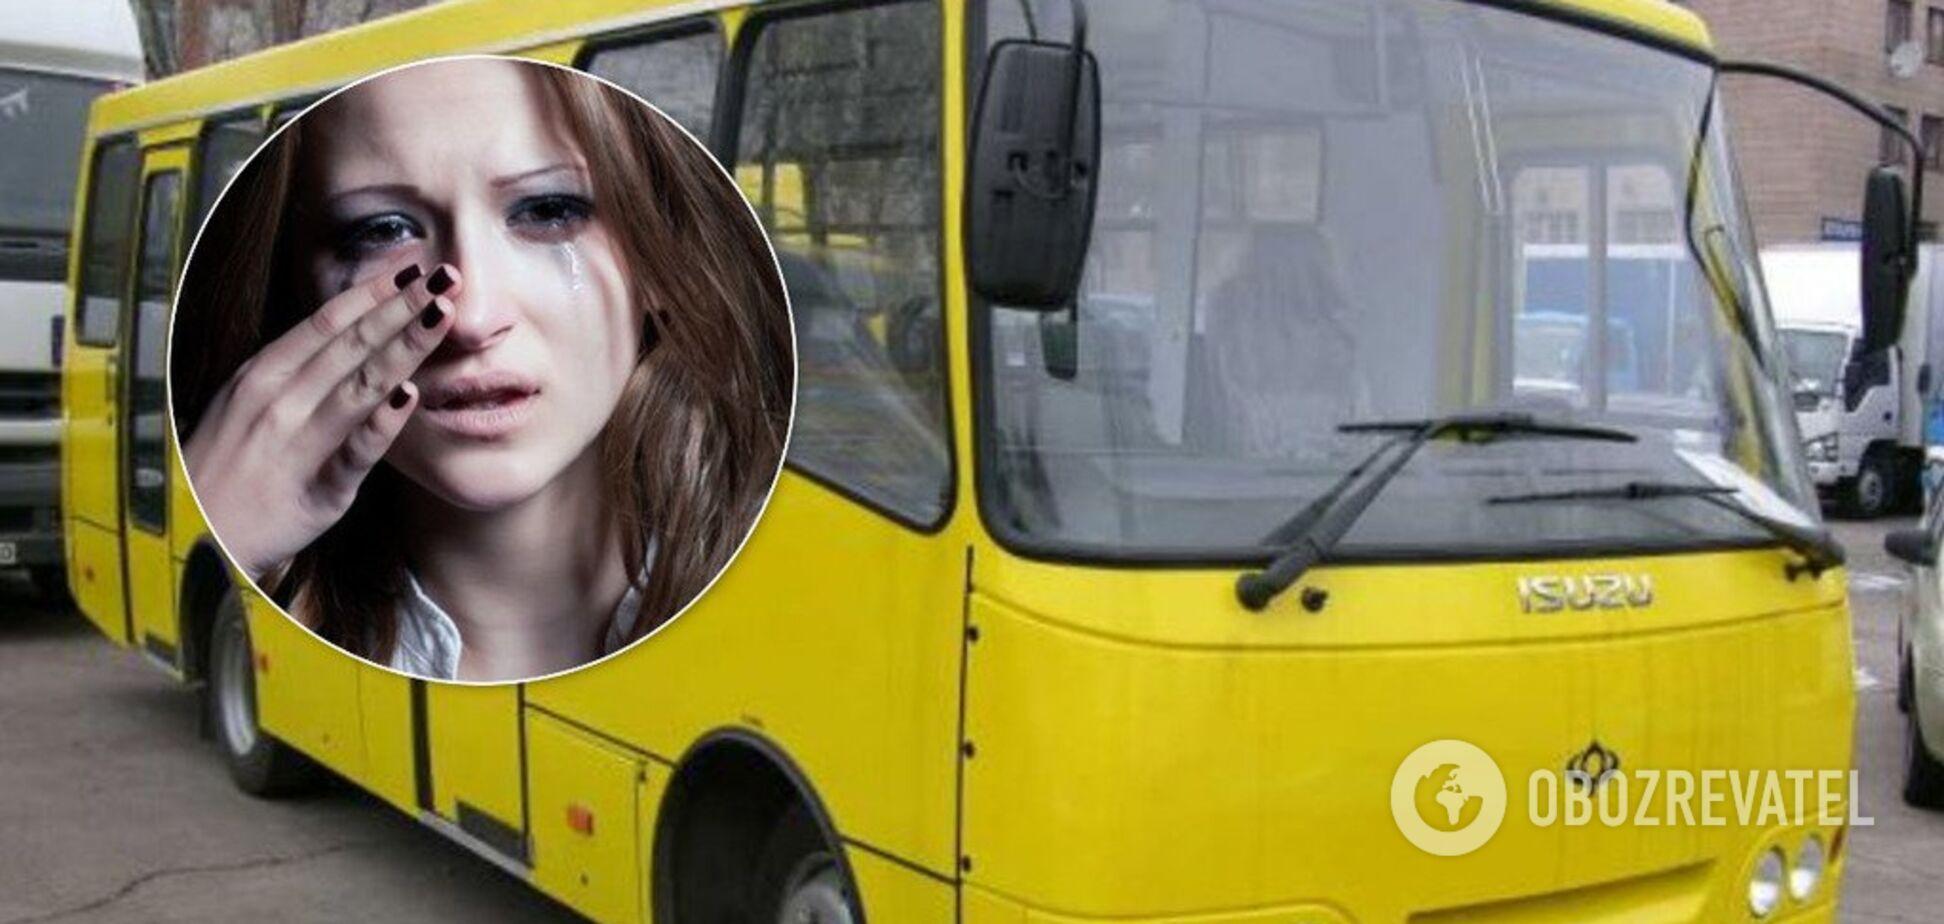 У Києві жінка втрапила у криваву НП у маршрутці